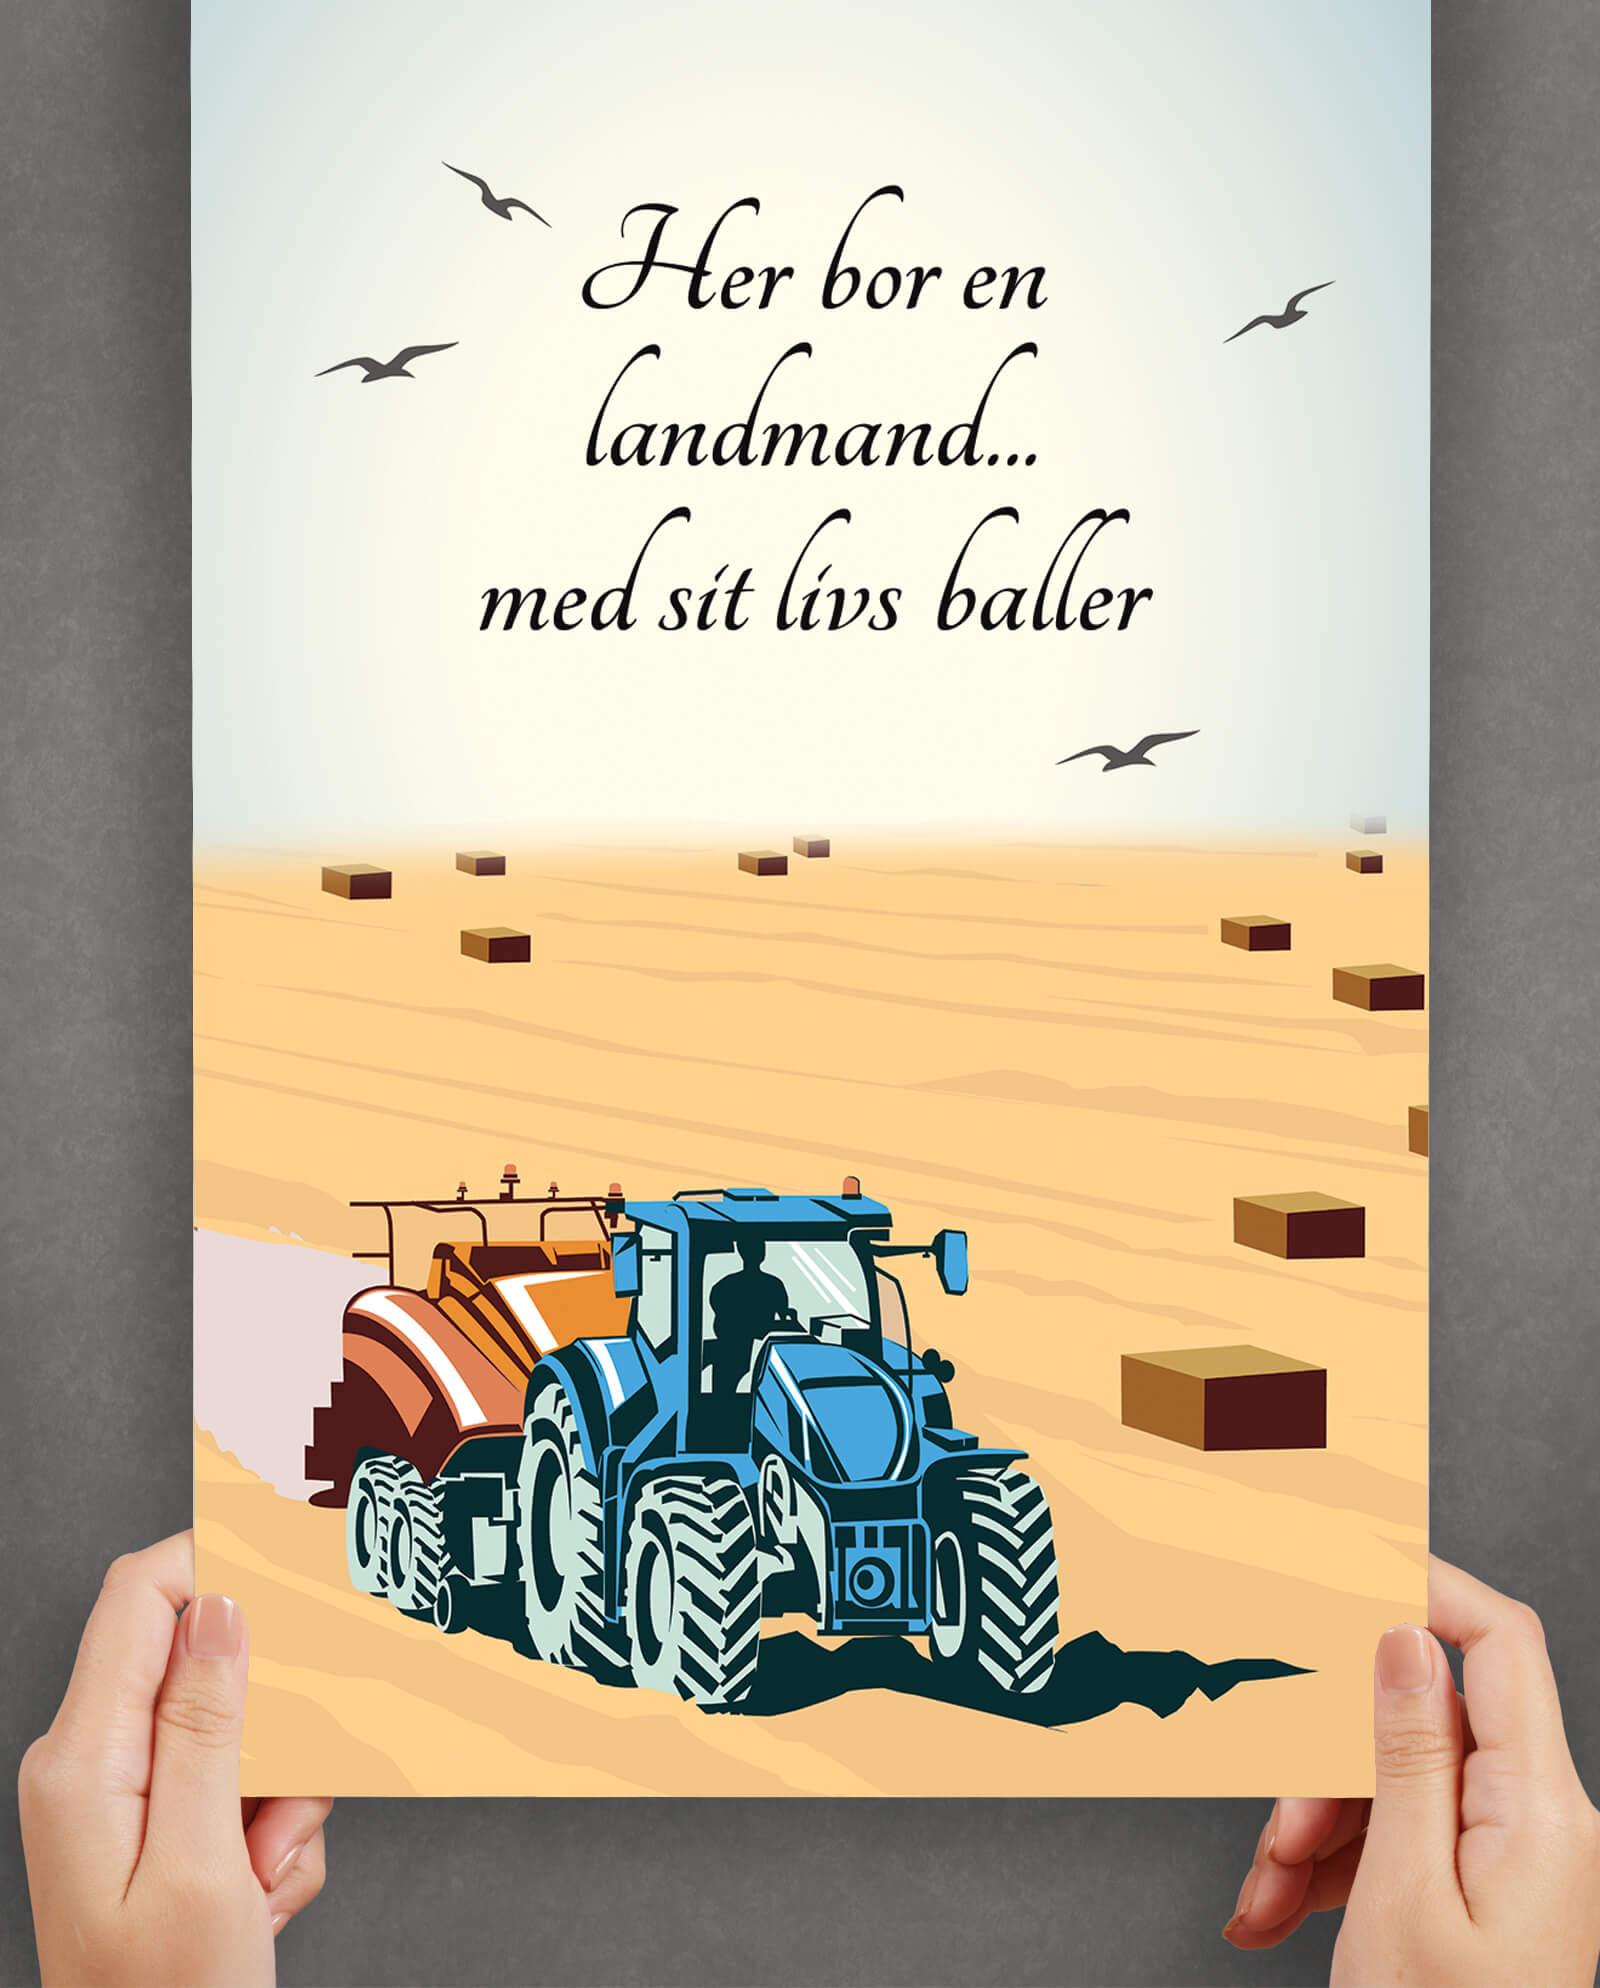 landmand-job-baller-3